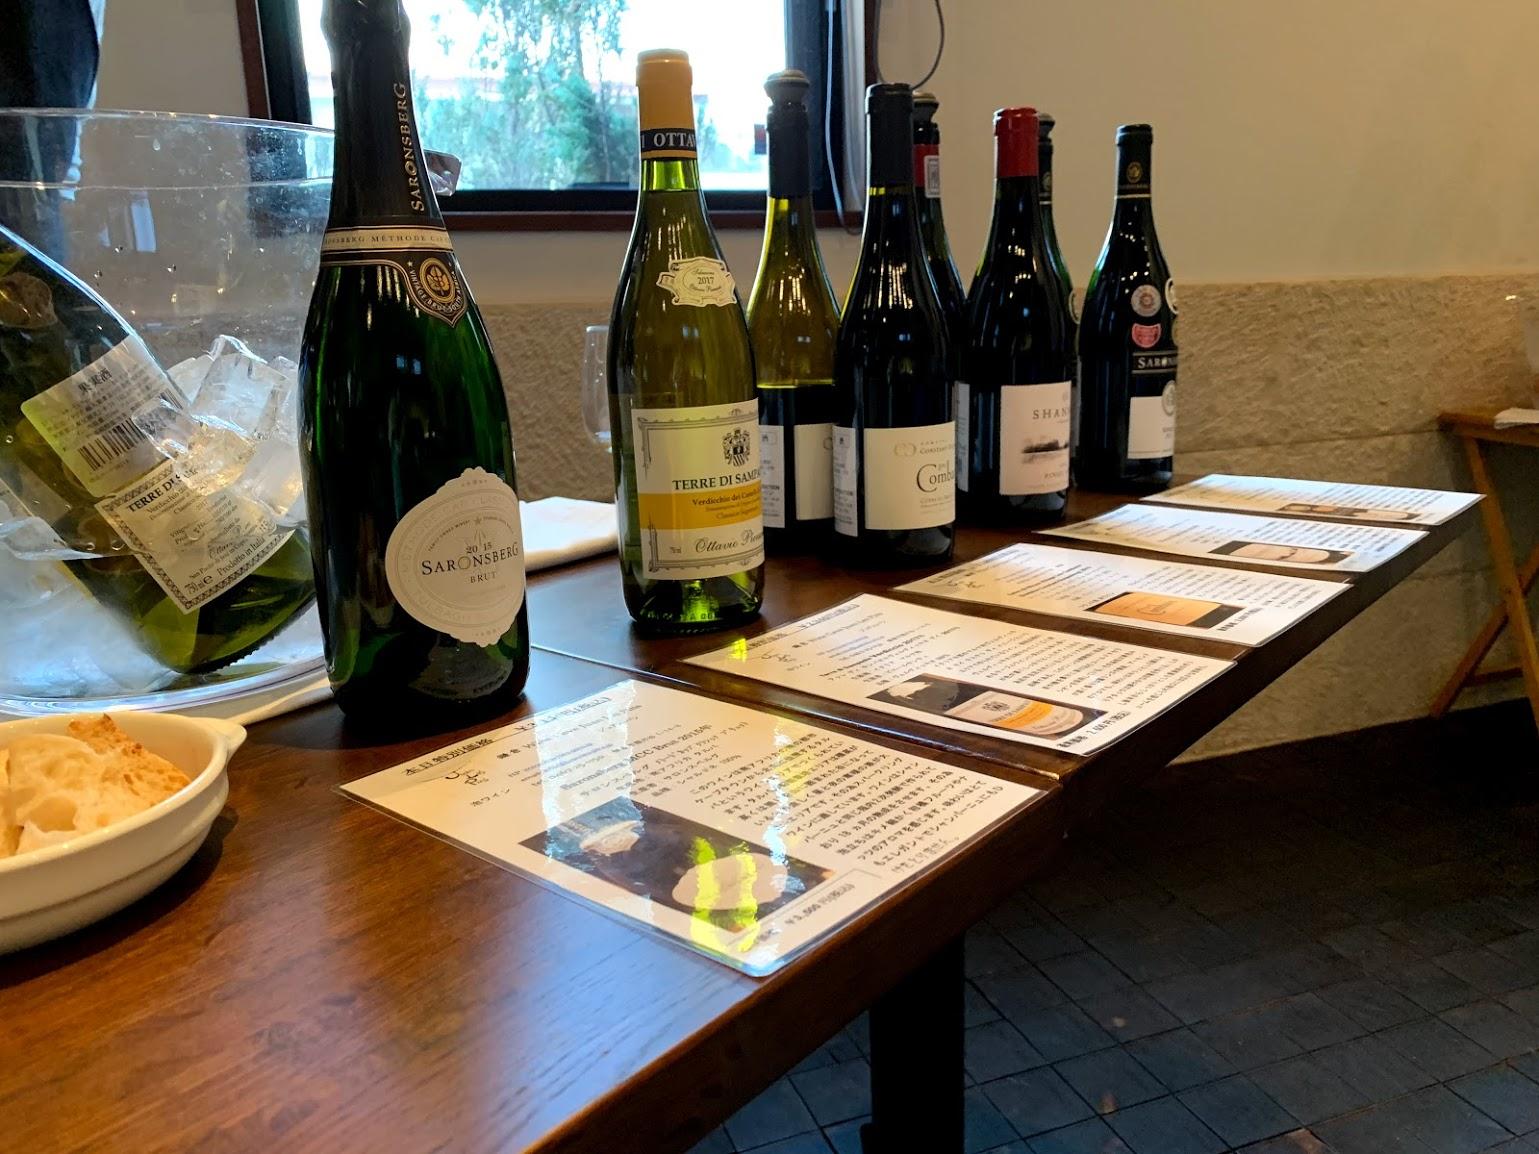 ジュアンレパンさんは、フランス、イタリア、南アフリカのワインを厳選出展